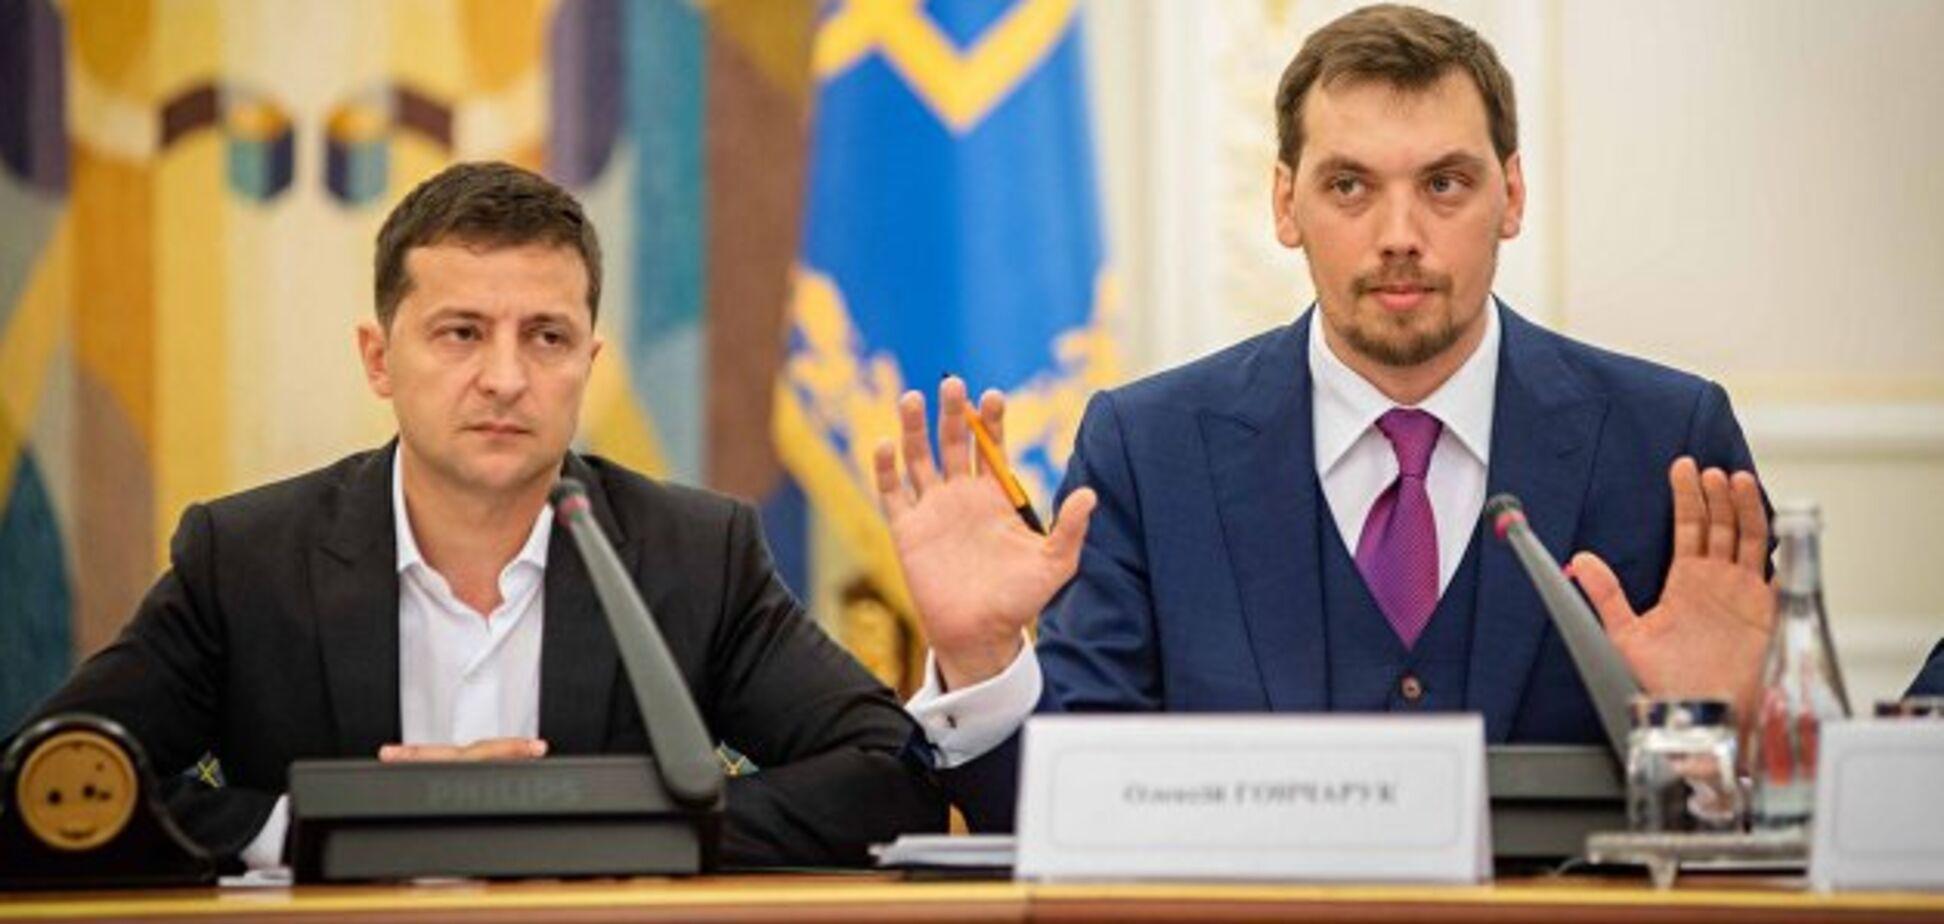 Прибрали компромат: скандал із 'плівками' Гончарука отримав несподіваний поворот